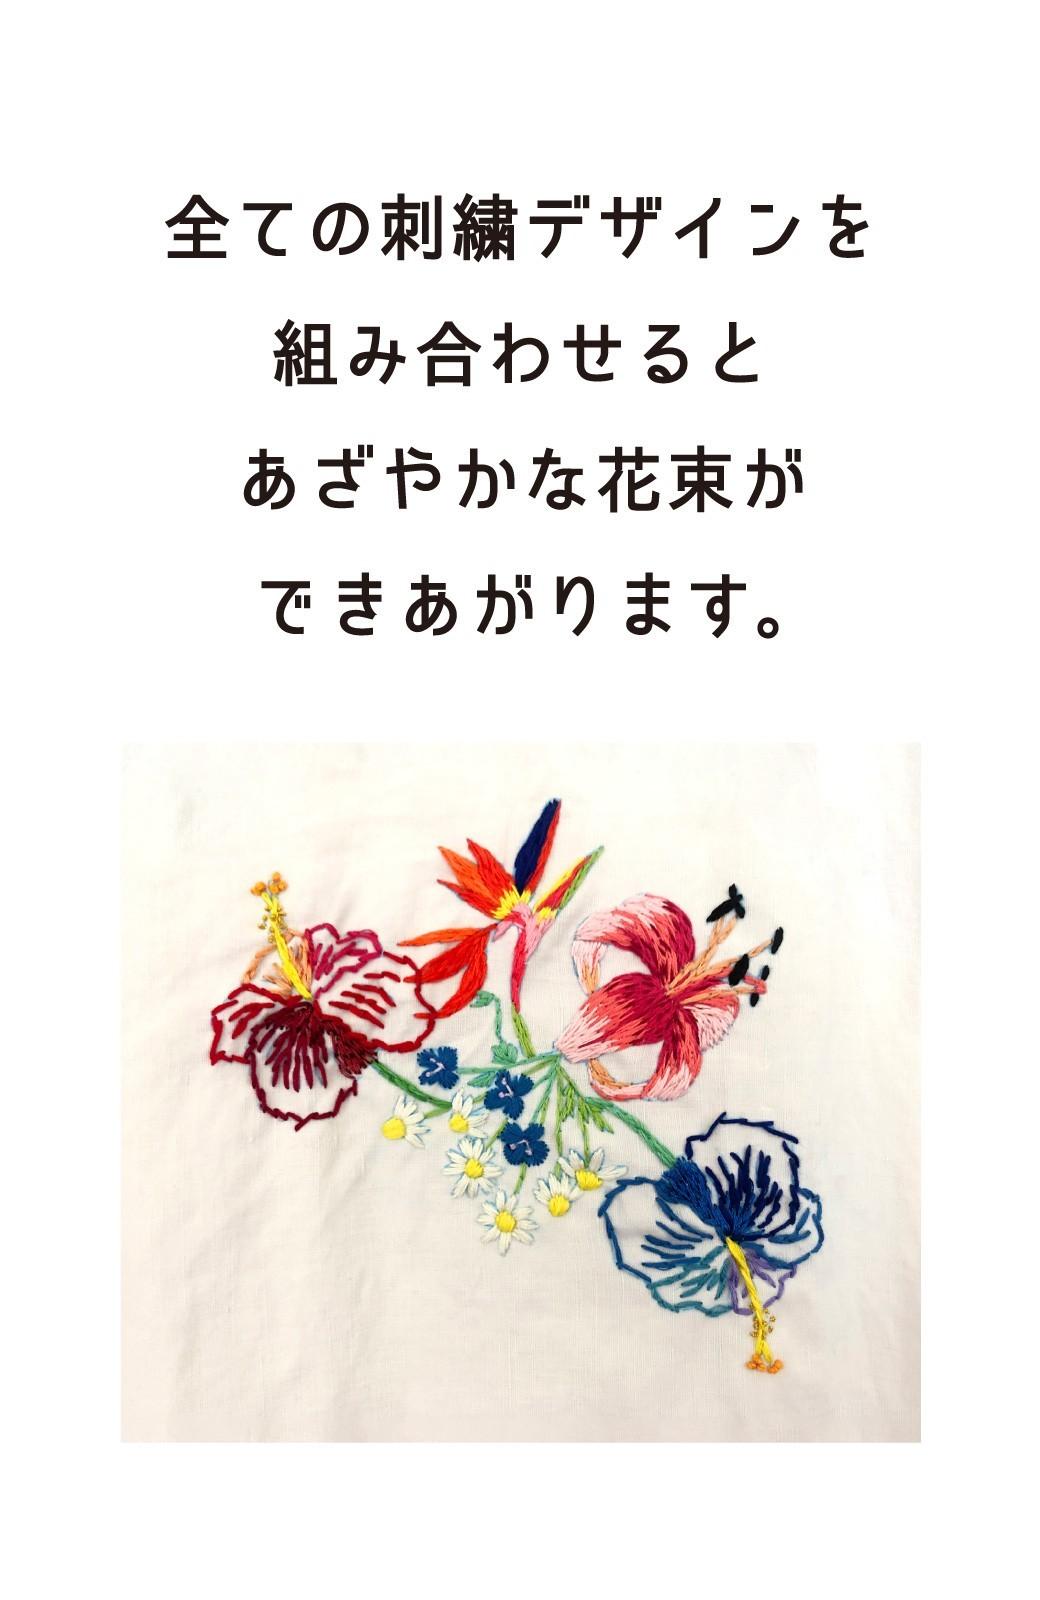 haco! haco! [haco! POST] 刺繍アーティスト二宮佐和子さんとみんなでワイワイ刺繍!zoom縫いワークショップ参加チケット 6/21・6/24開催<micro macro> <その他>の商品写真9